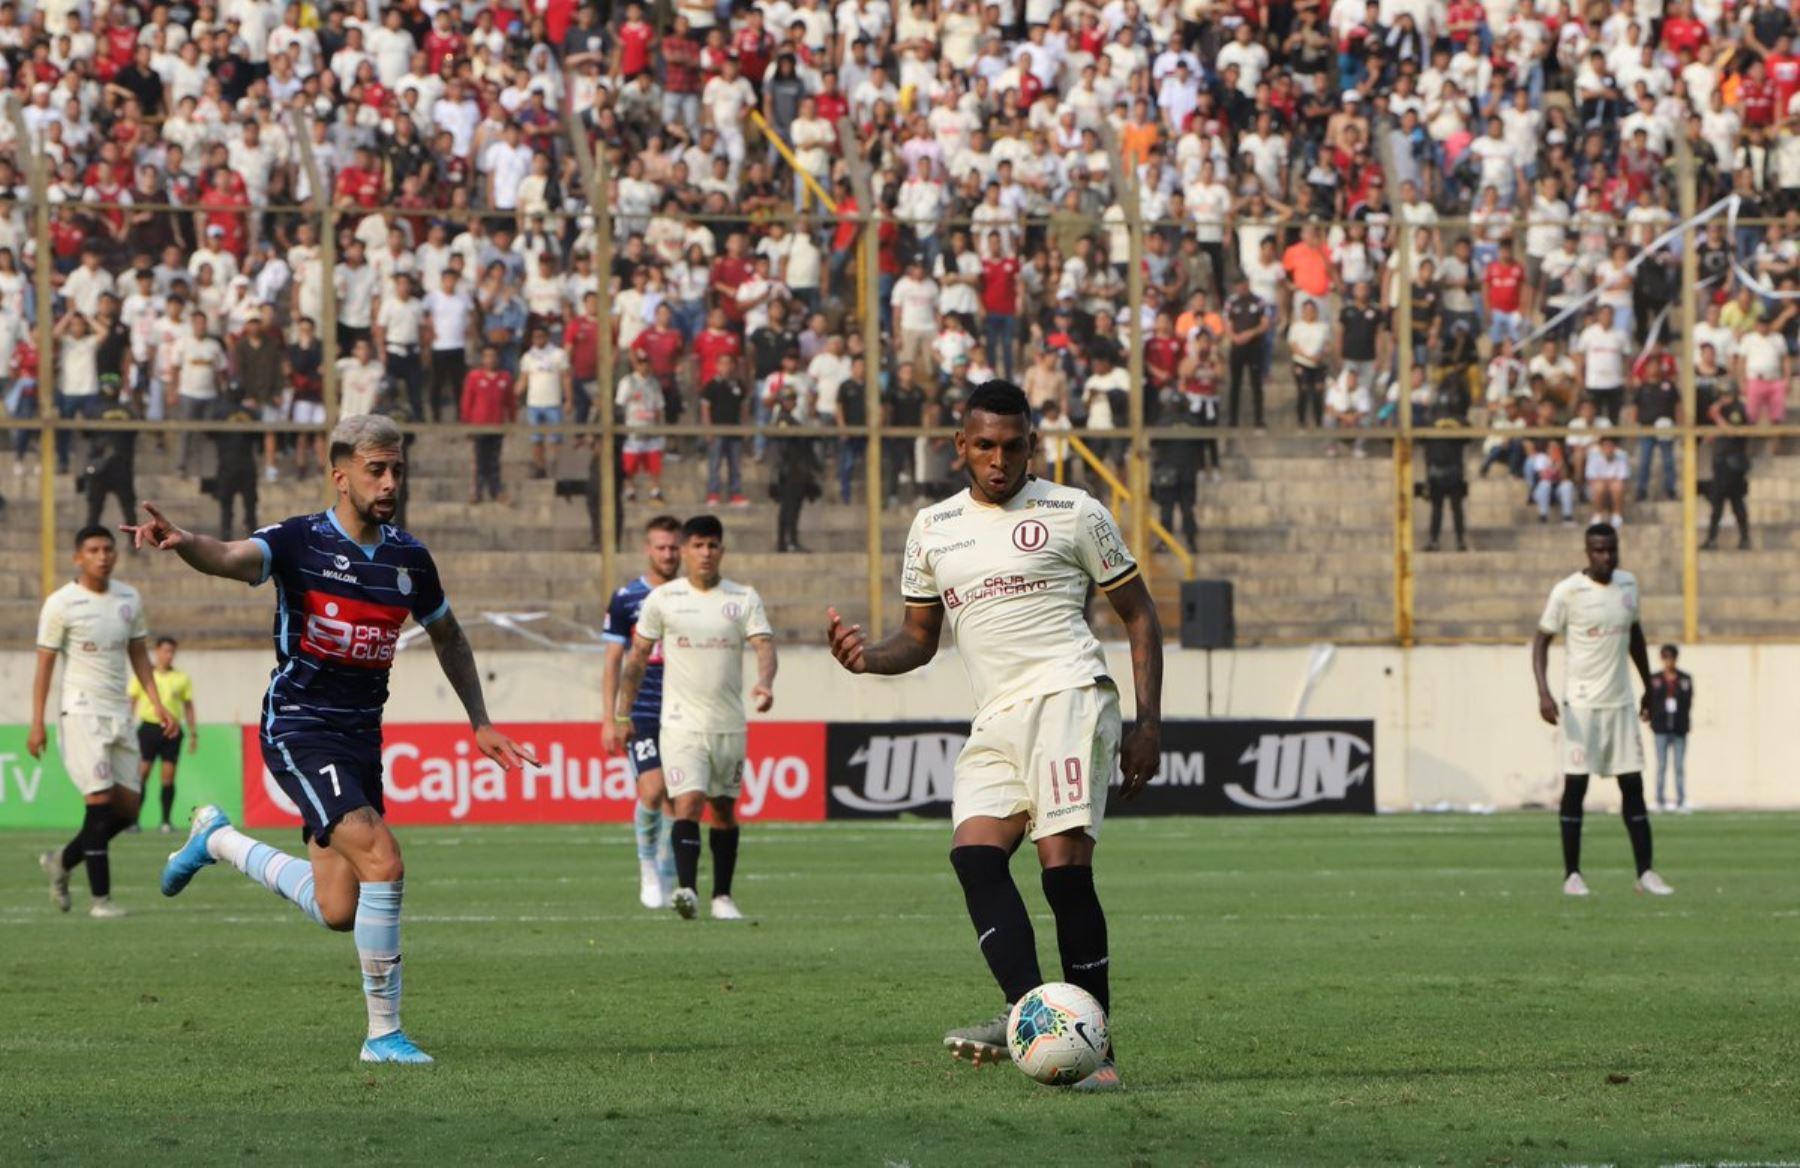 Universitario ganó al Real Garcilaso, peor no le bastó para llevarse el Clausura